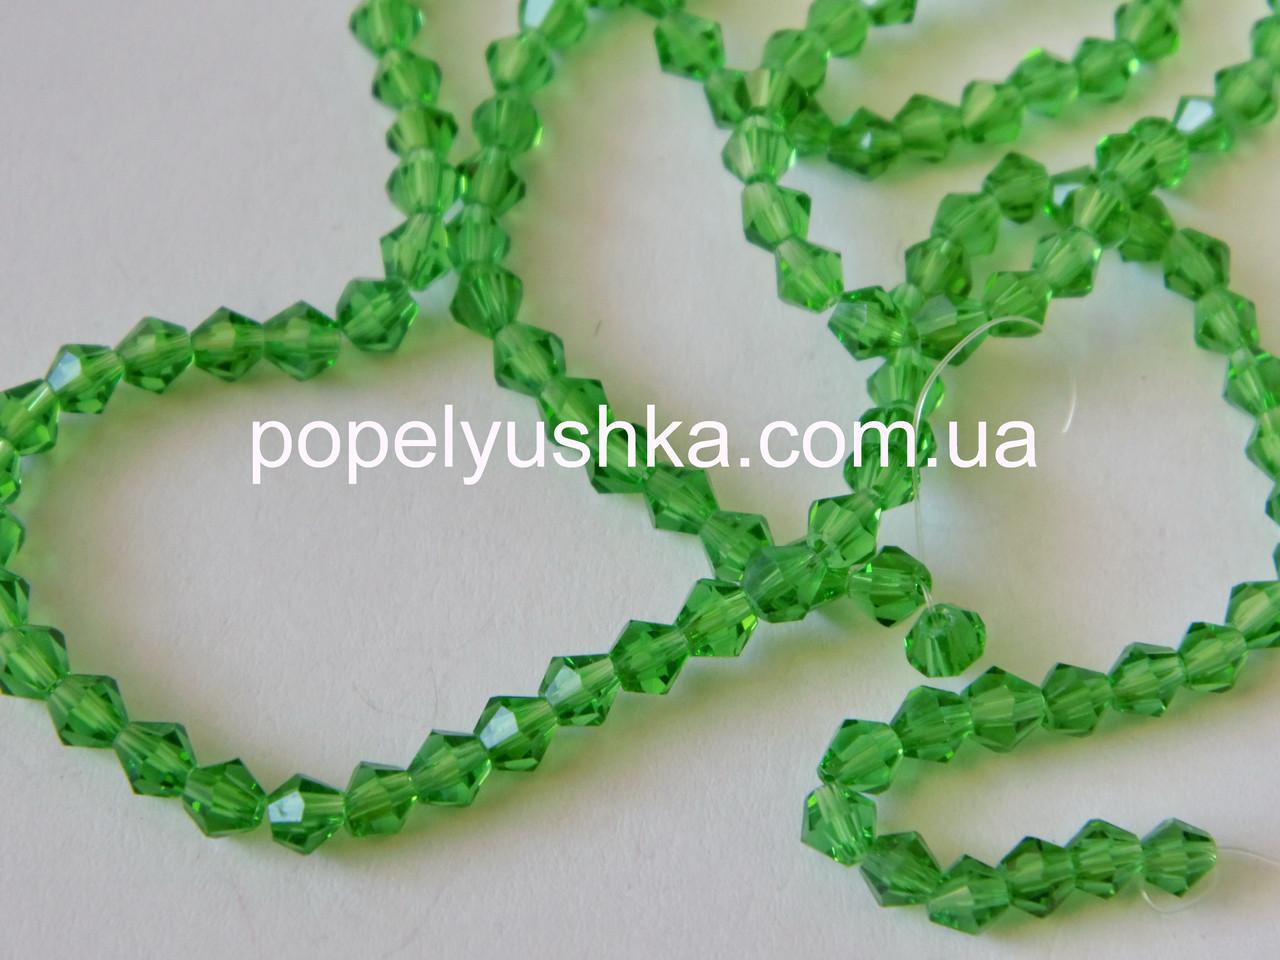 Намистини  біконус кришталеві (Чехія) Зелений 4 мм (10 шт.)